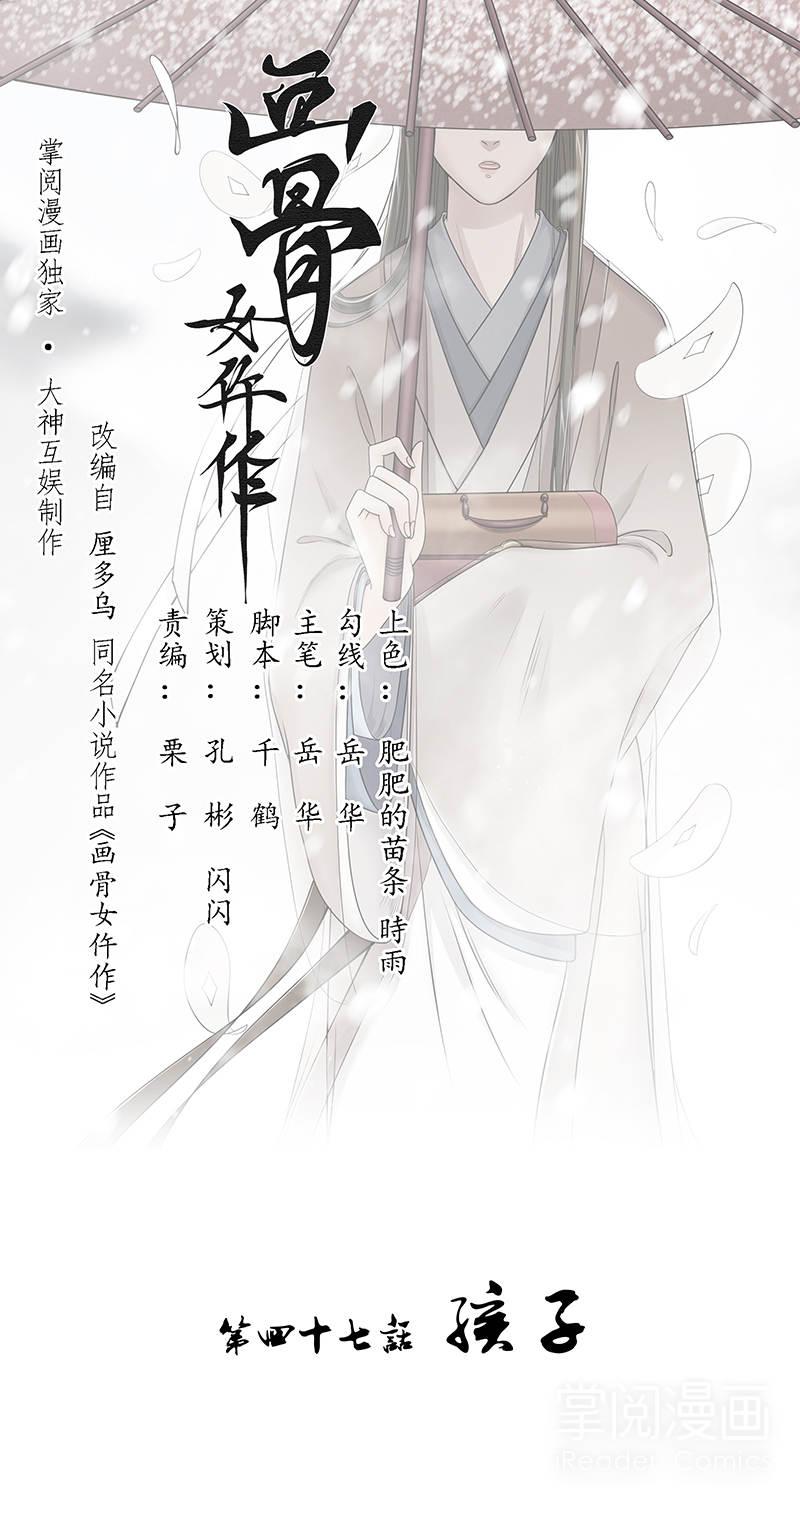 画骨女仵作第52话  孩子(福利) 第 1